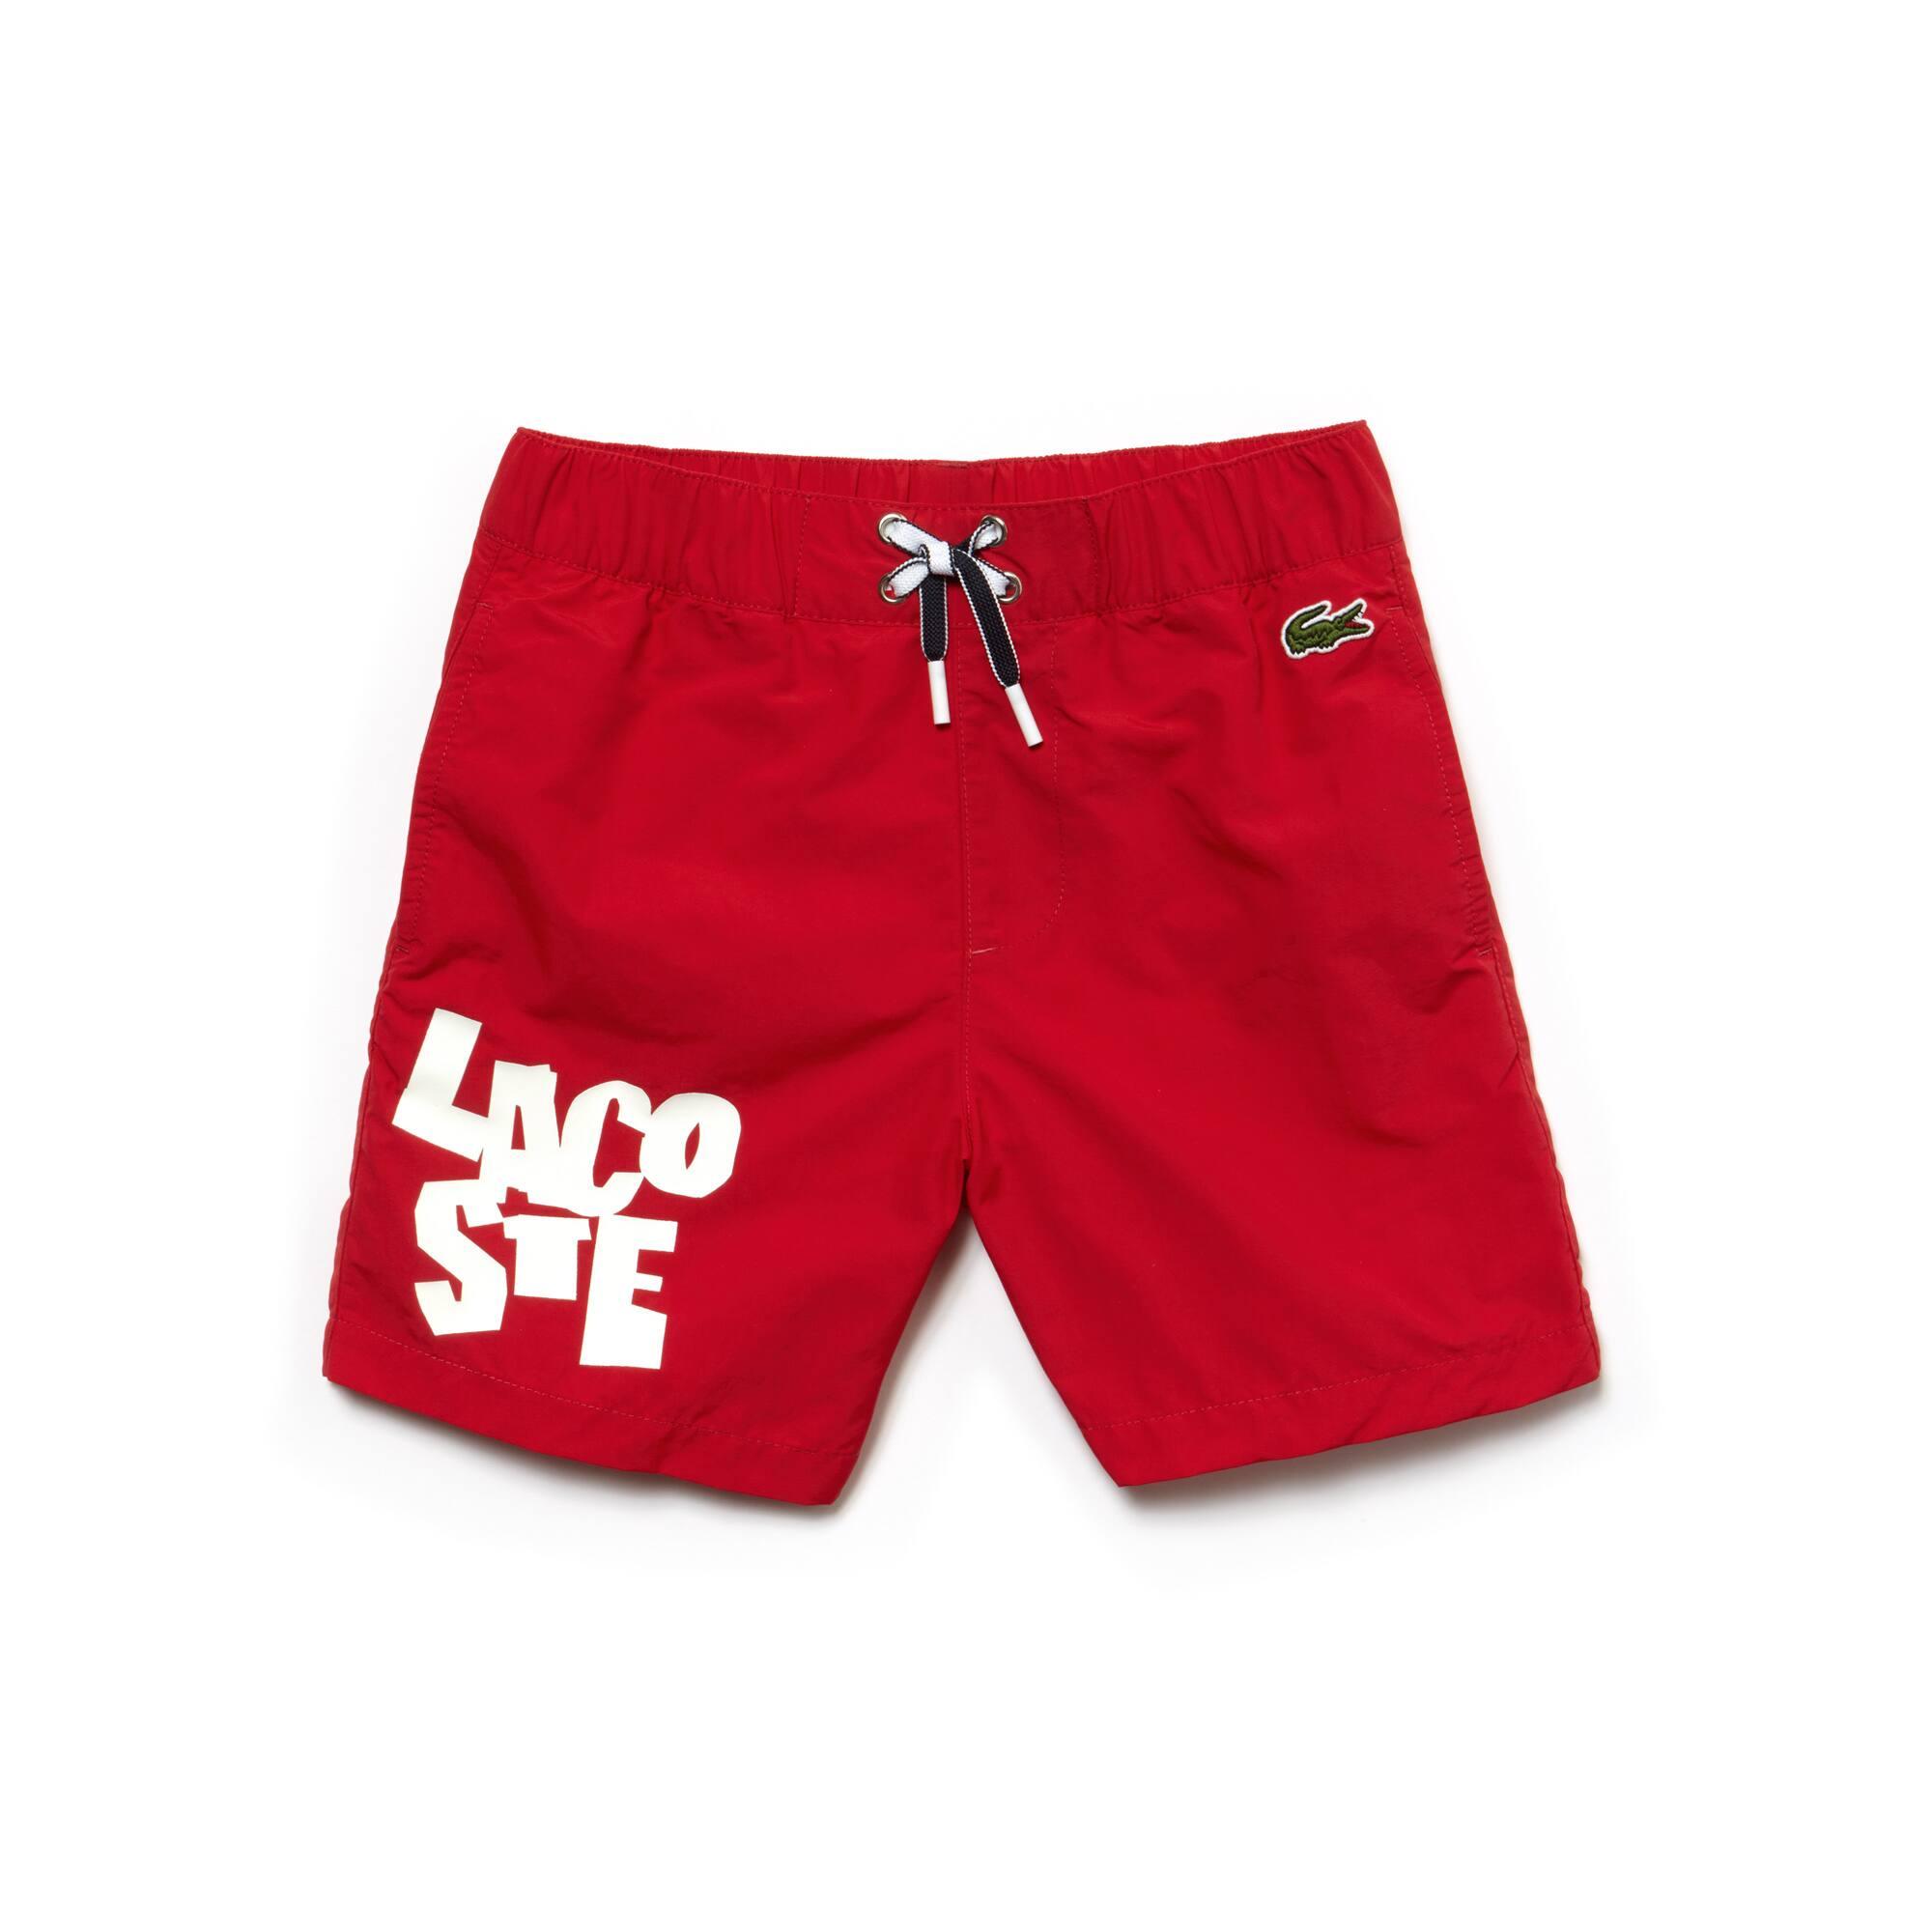 Bañador de tela para chico con letras de la marca Lacoste